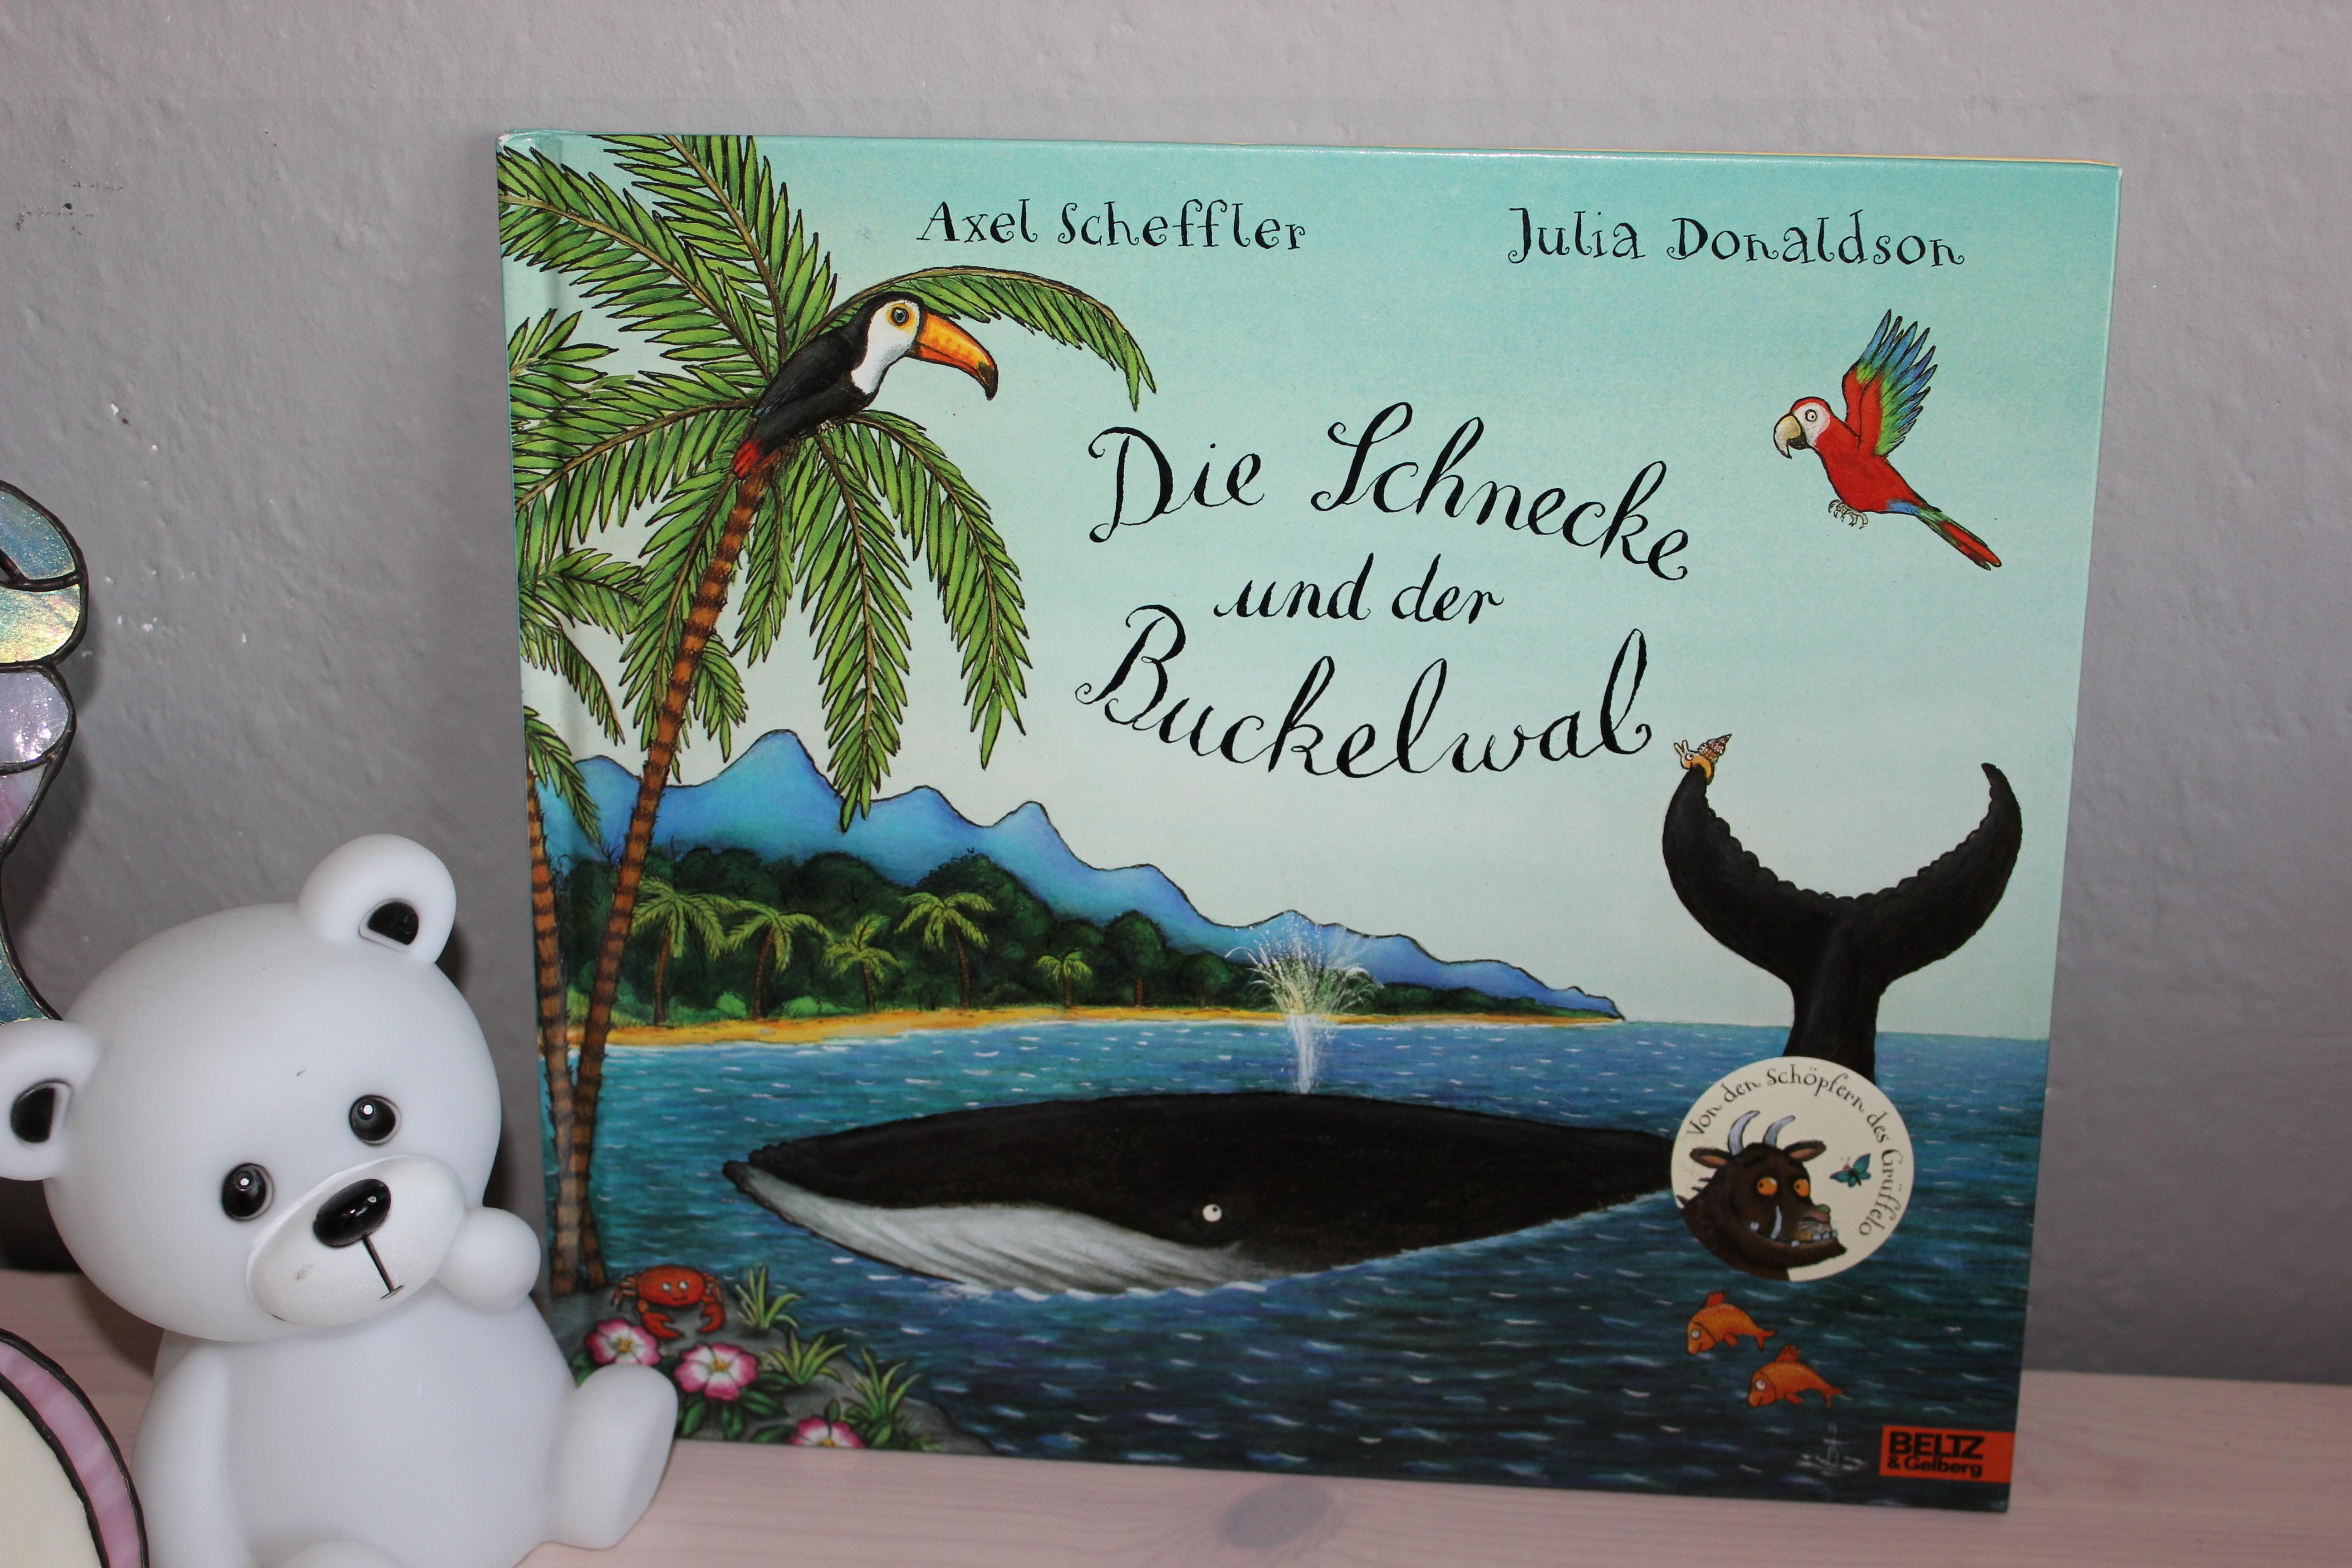 Die Schnecke und der Buckelwal das Buch